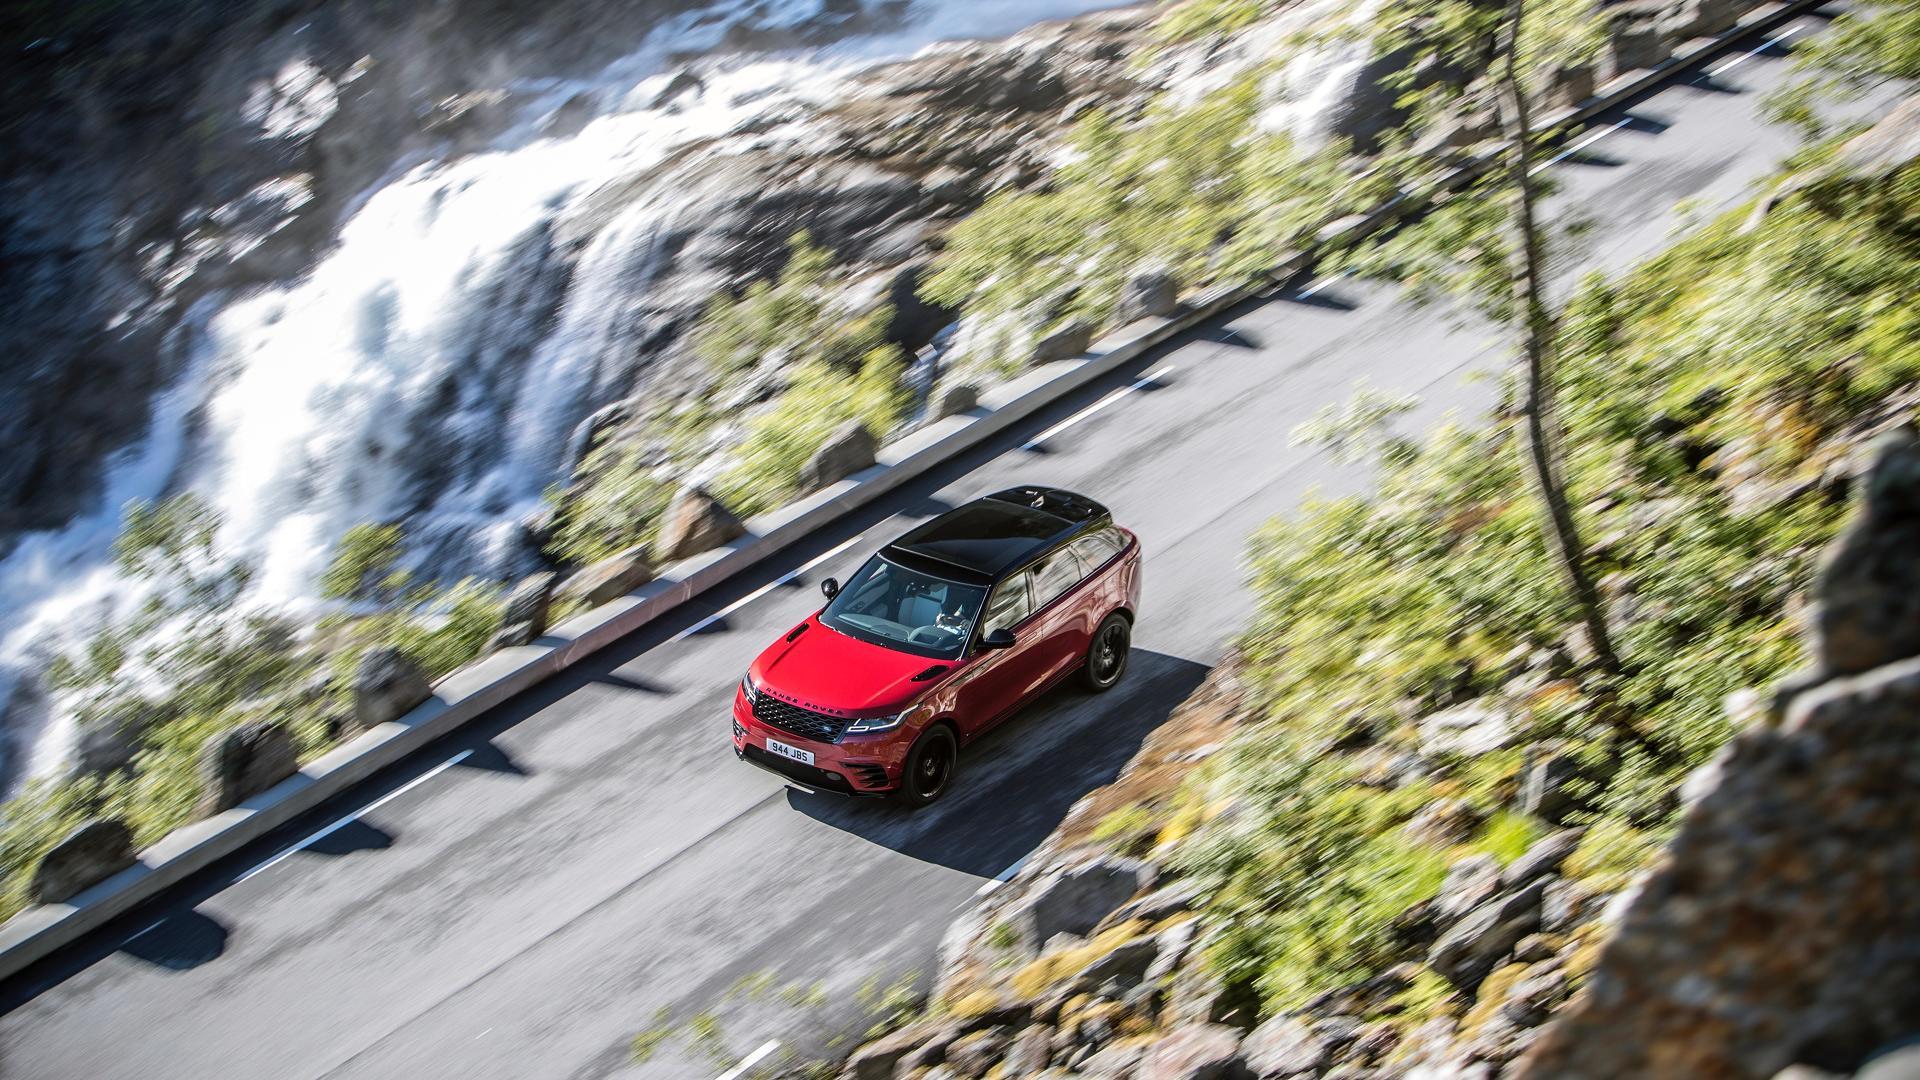 چرا ولار رنجروور زیباترین خودروی جهان است؟